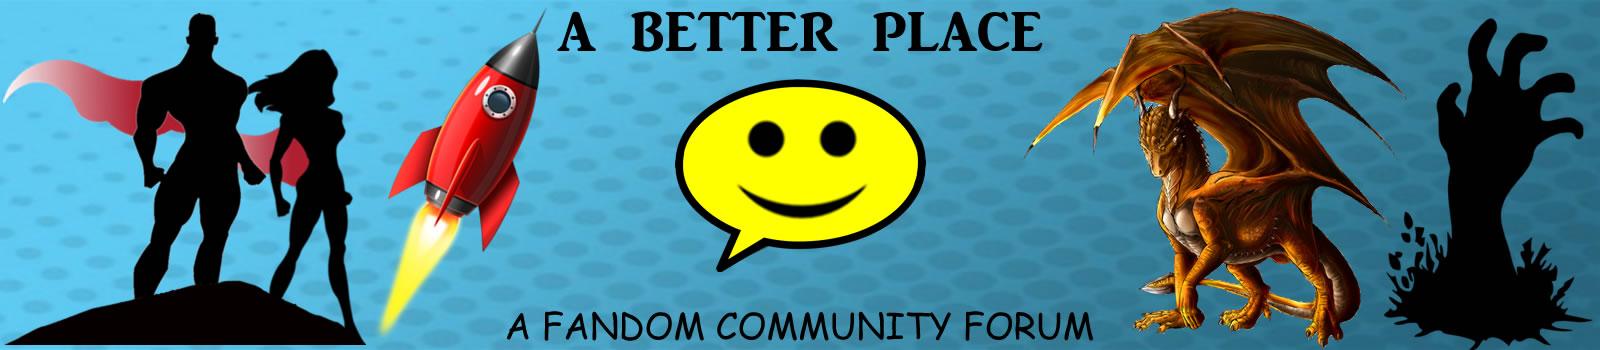 A Better Place - A Fandom Community Forum